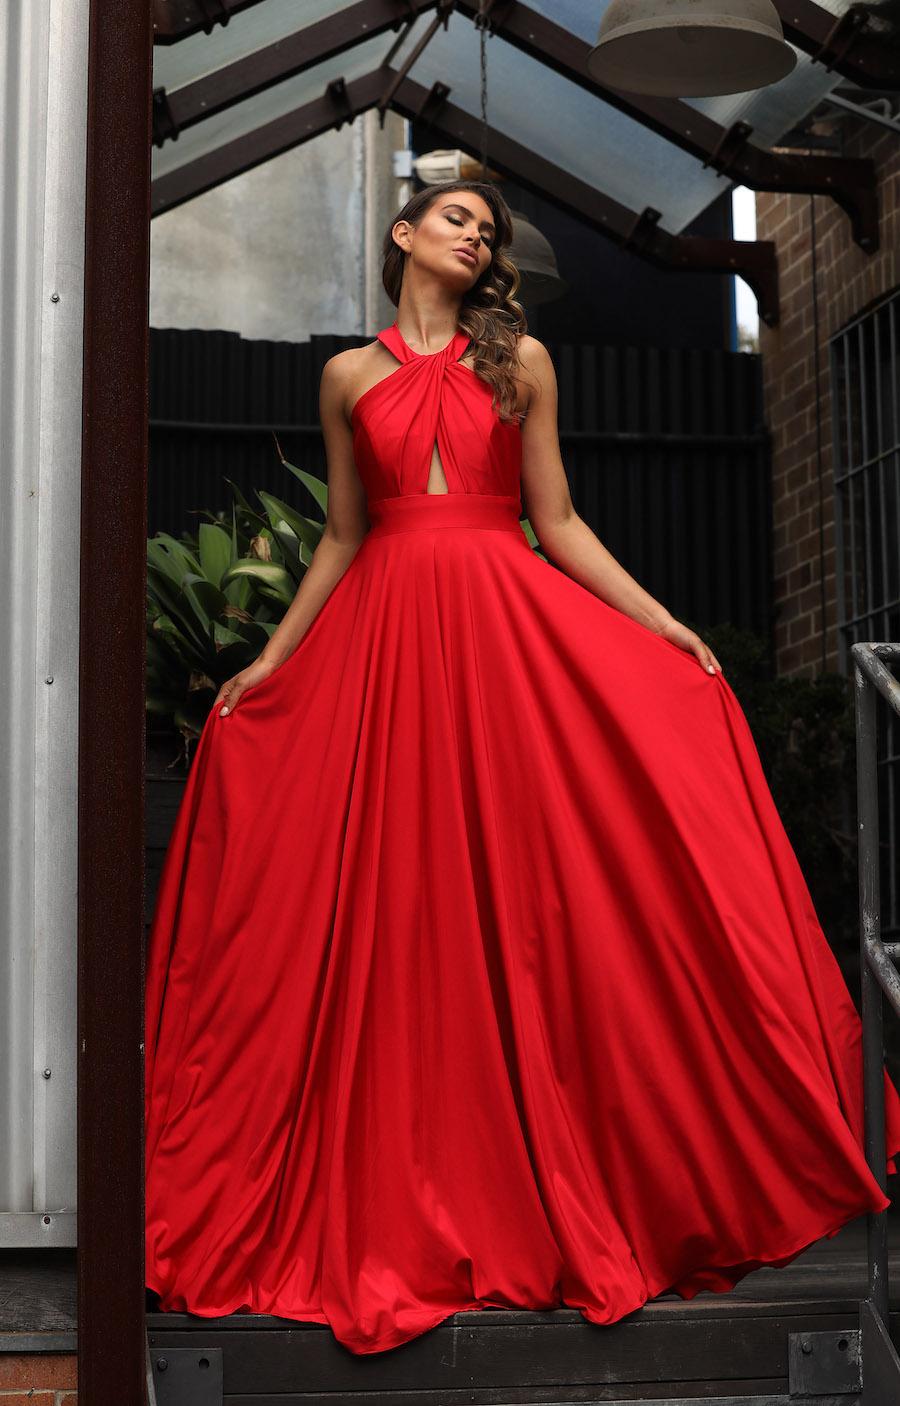 Striking halter gown with full skirt